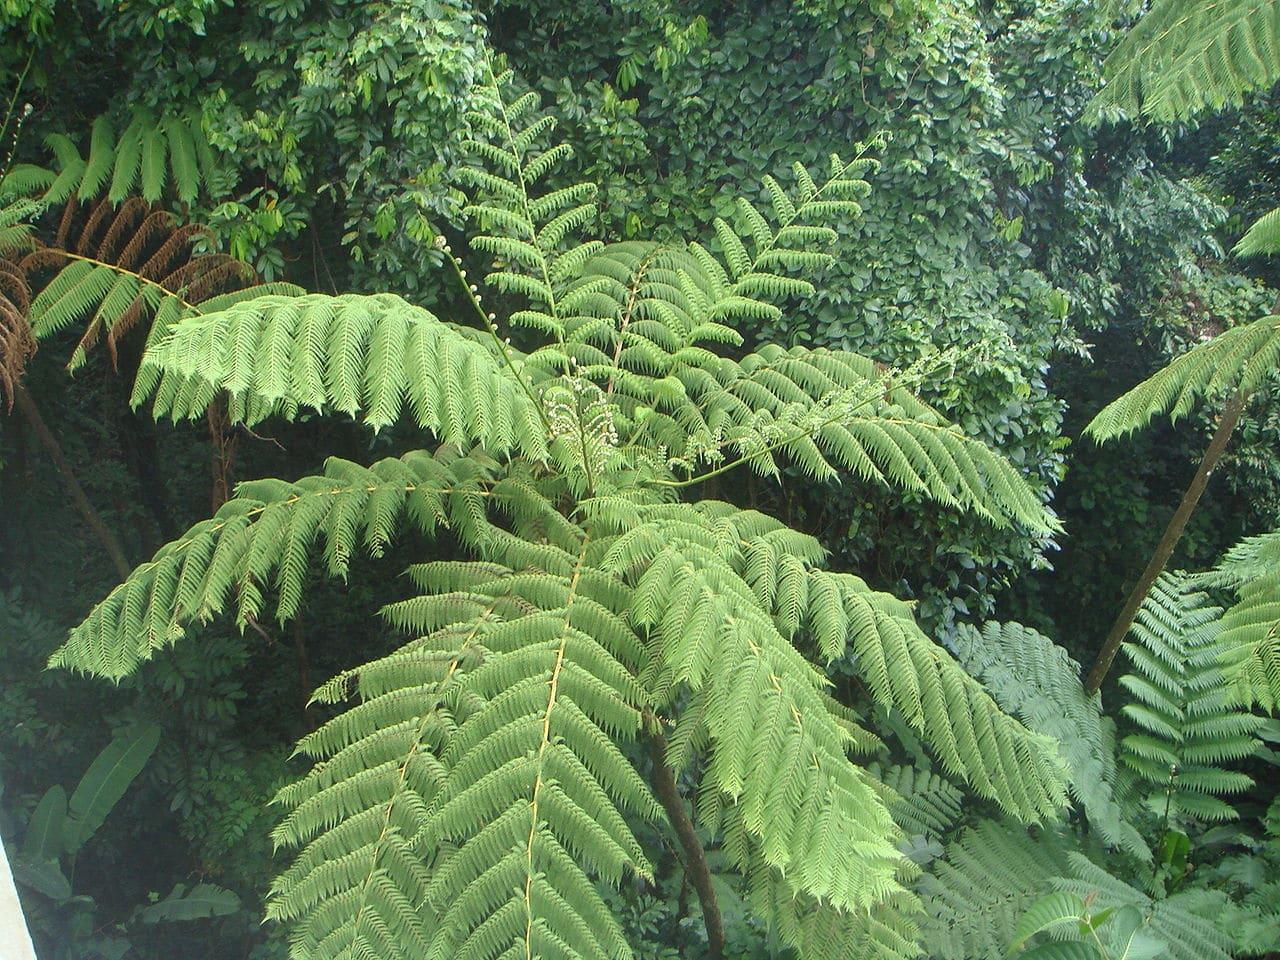 La Cyathea arborea es un tipo de helecho arborescente